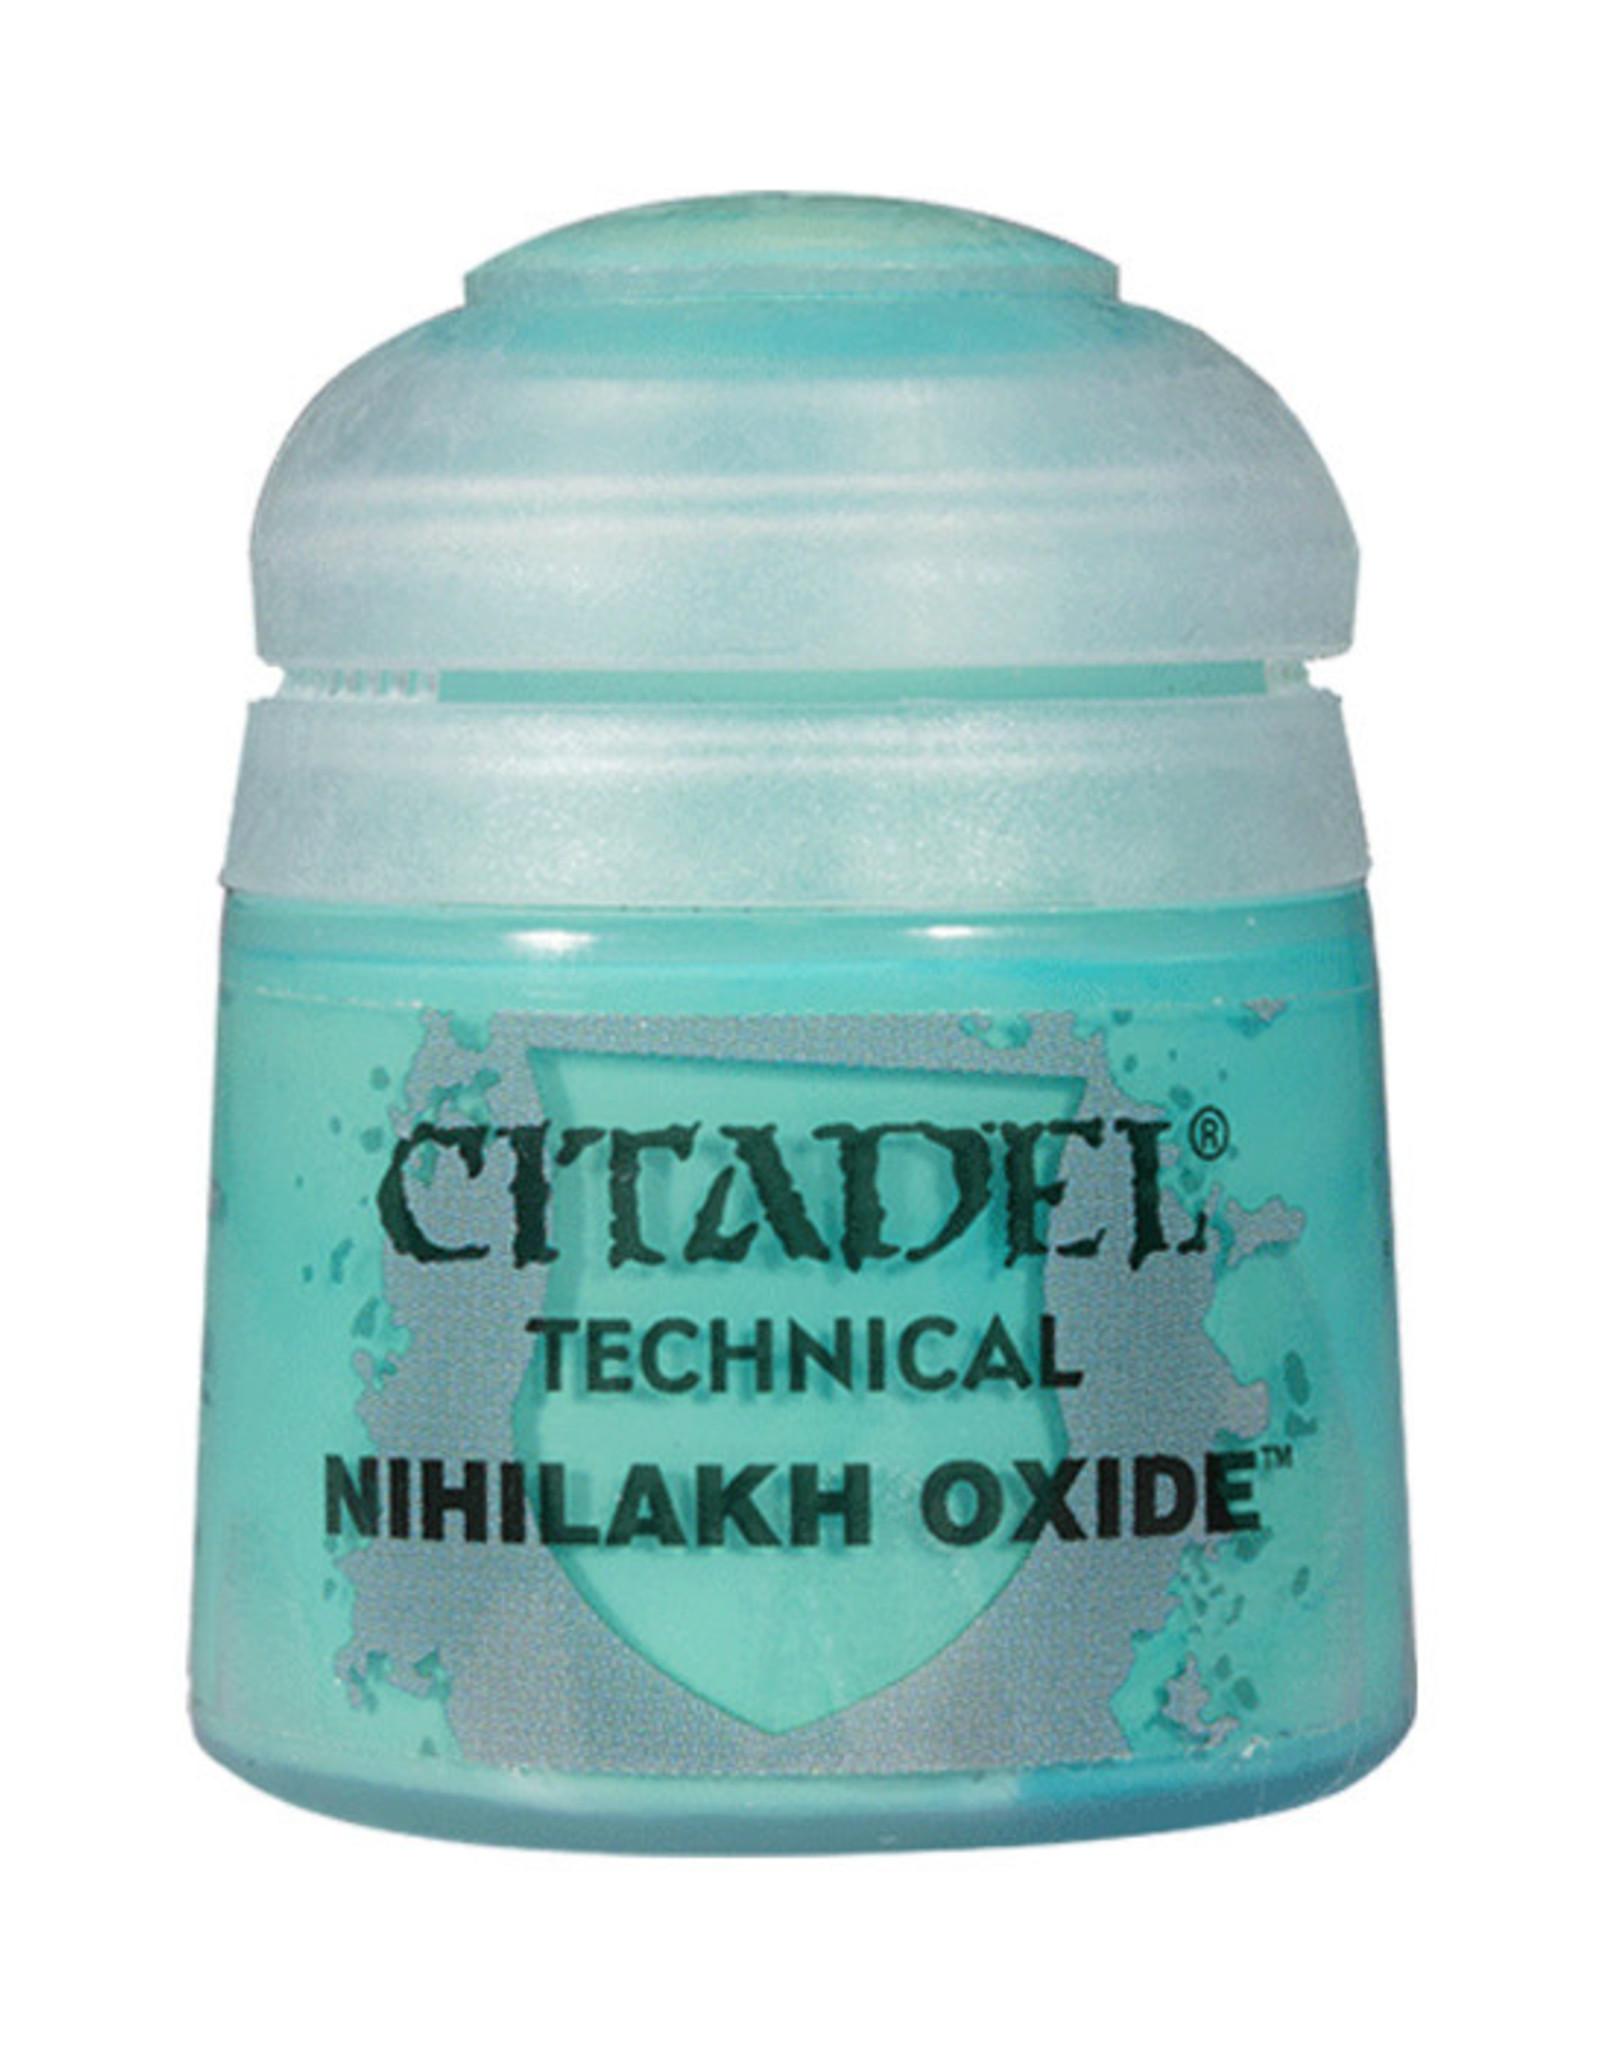 Citadel Citadel Colour: Technical - Nihilakh Oxide